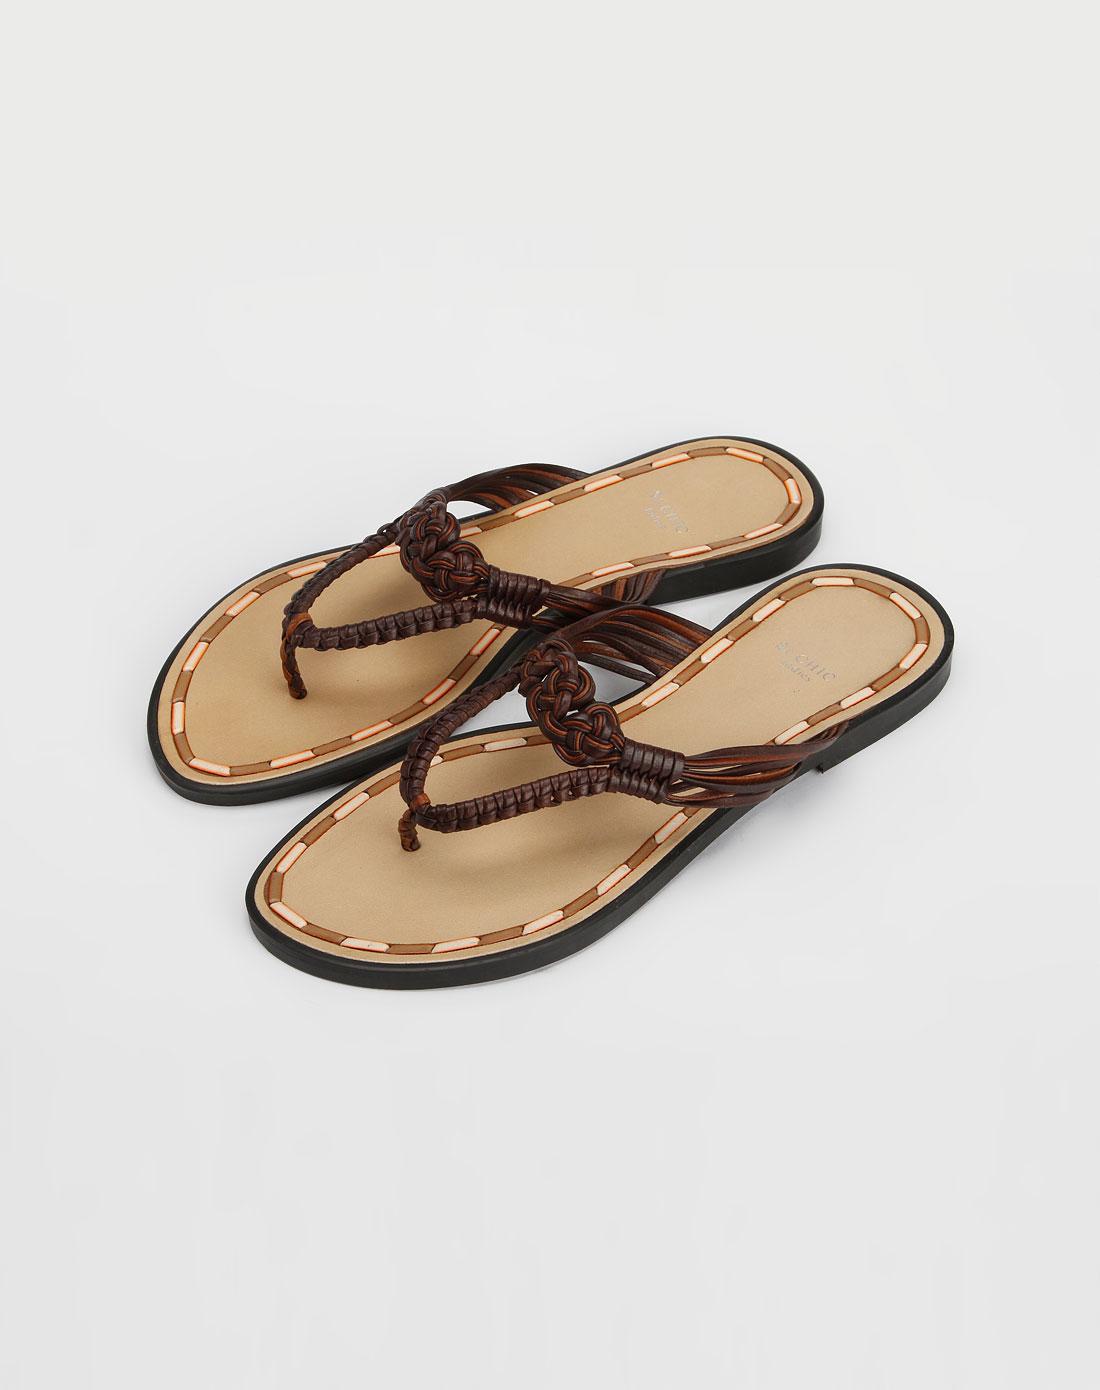 深啡色编织凉鞋